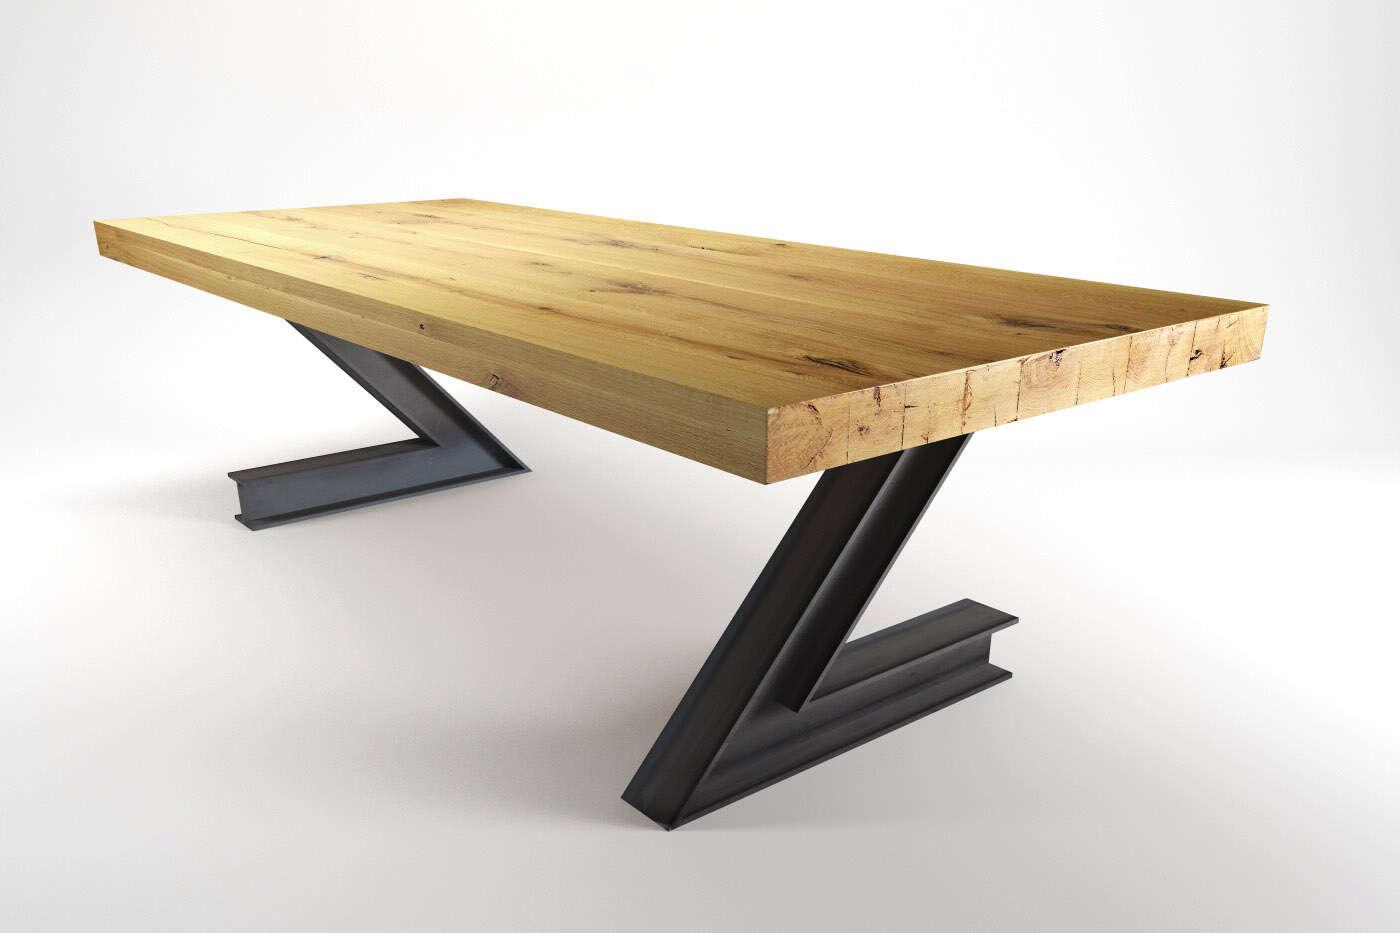 industrial tischgestell z bestellbar auf ma wohnsektion. Black Bedroom Furniture Sets. Home Design Ideas